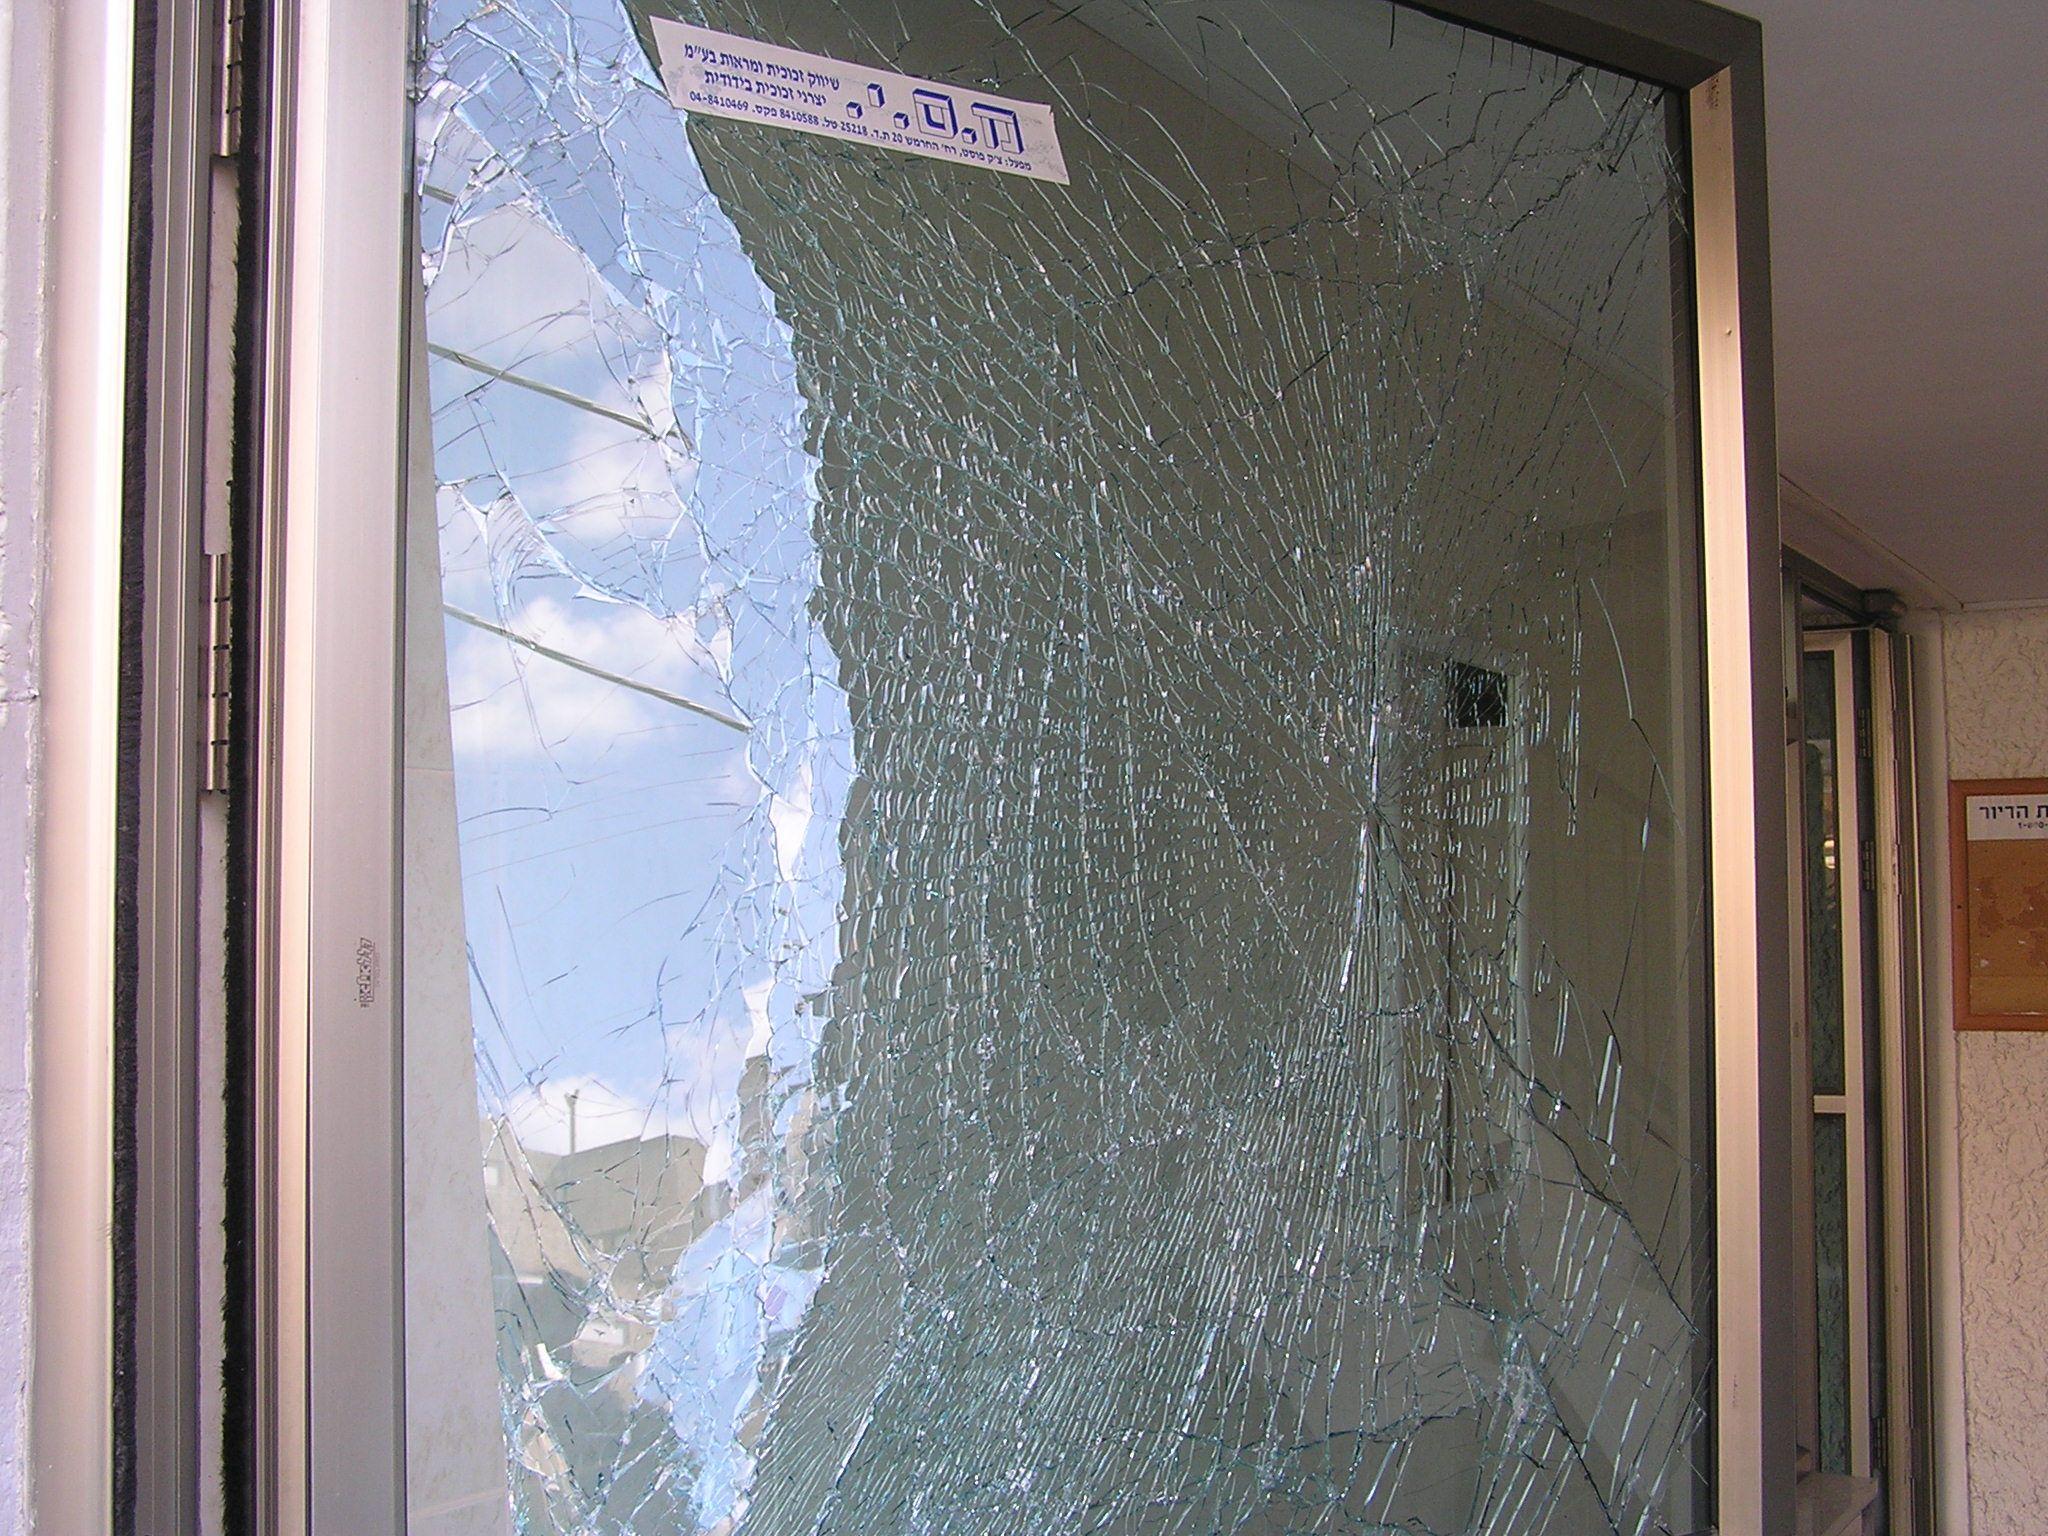 Mobili lavelli vetri antisfondamento prezzi for Internorm a torino